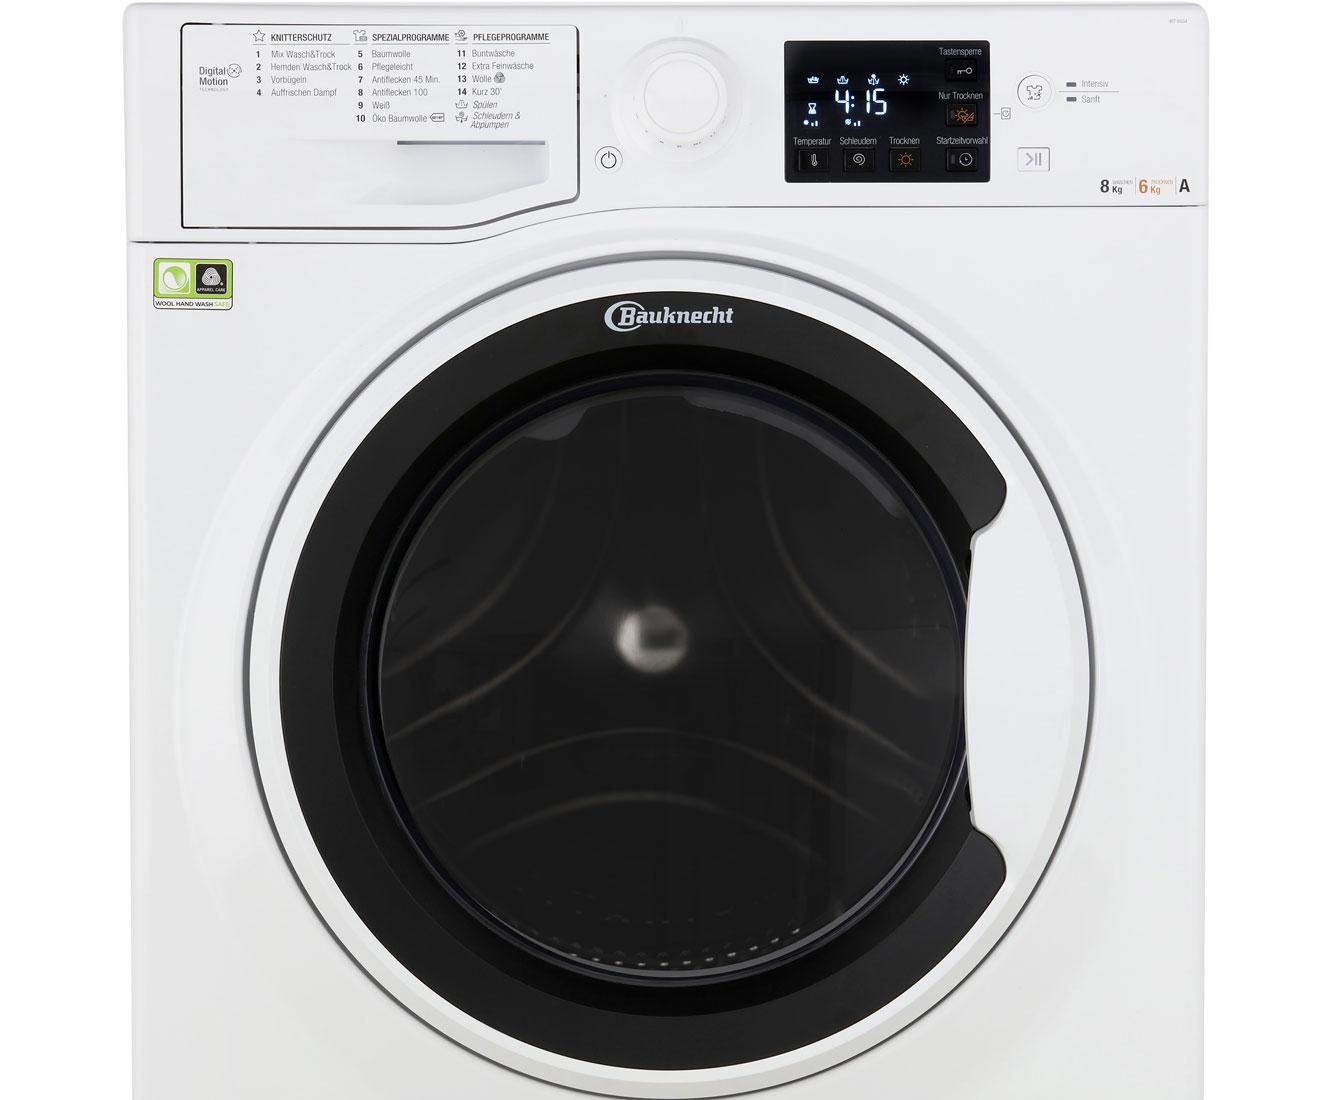 Bauknecht wt 86g4 de waschtrockner 8 kg waschen 6 kg trocknen